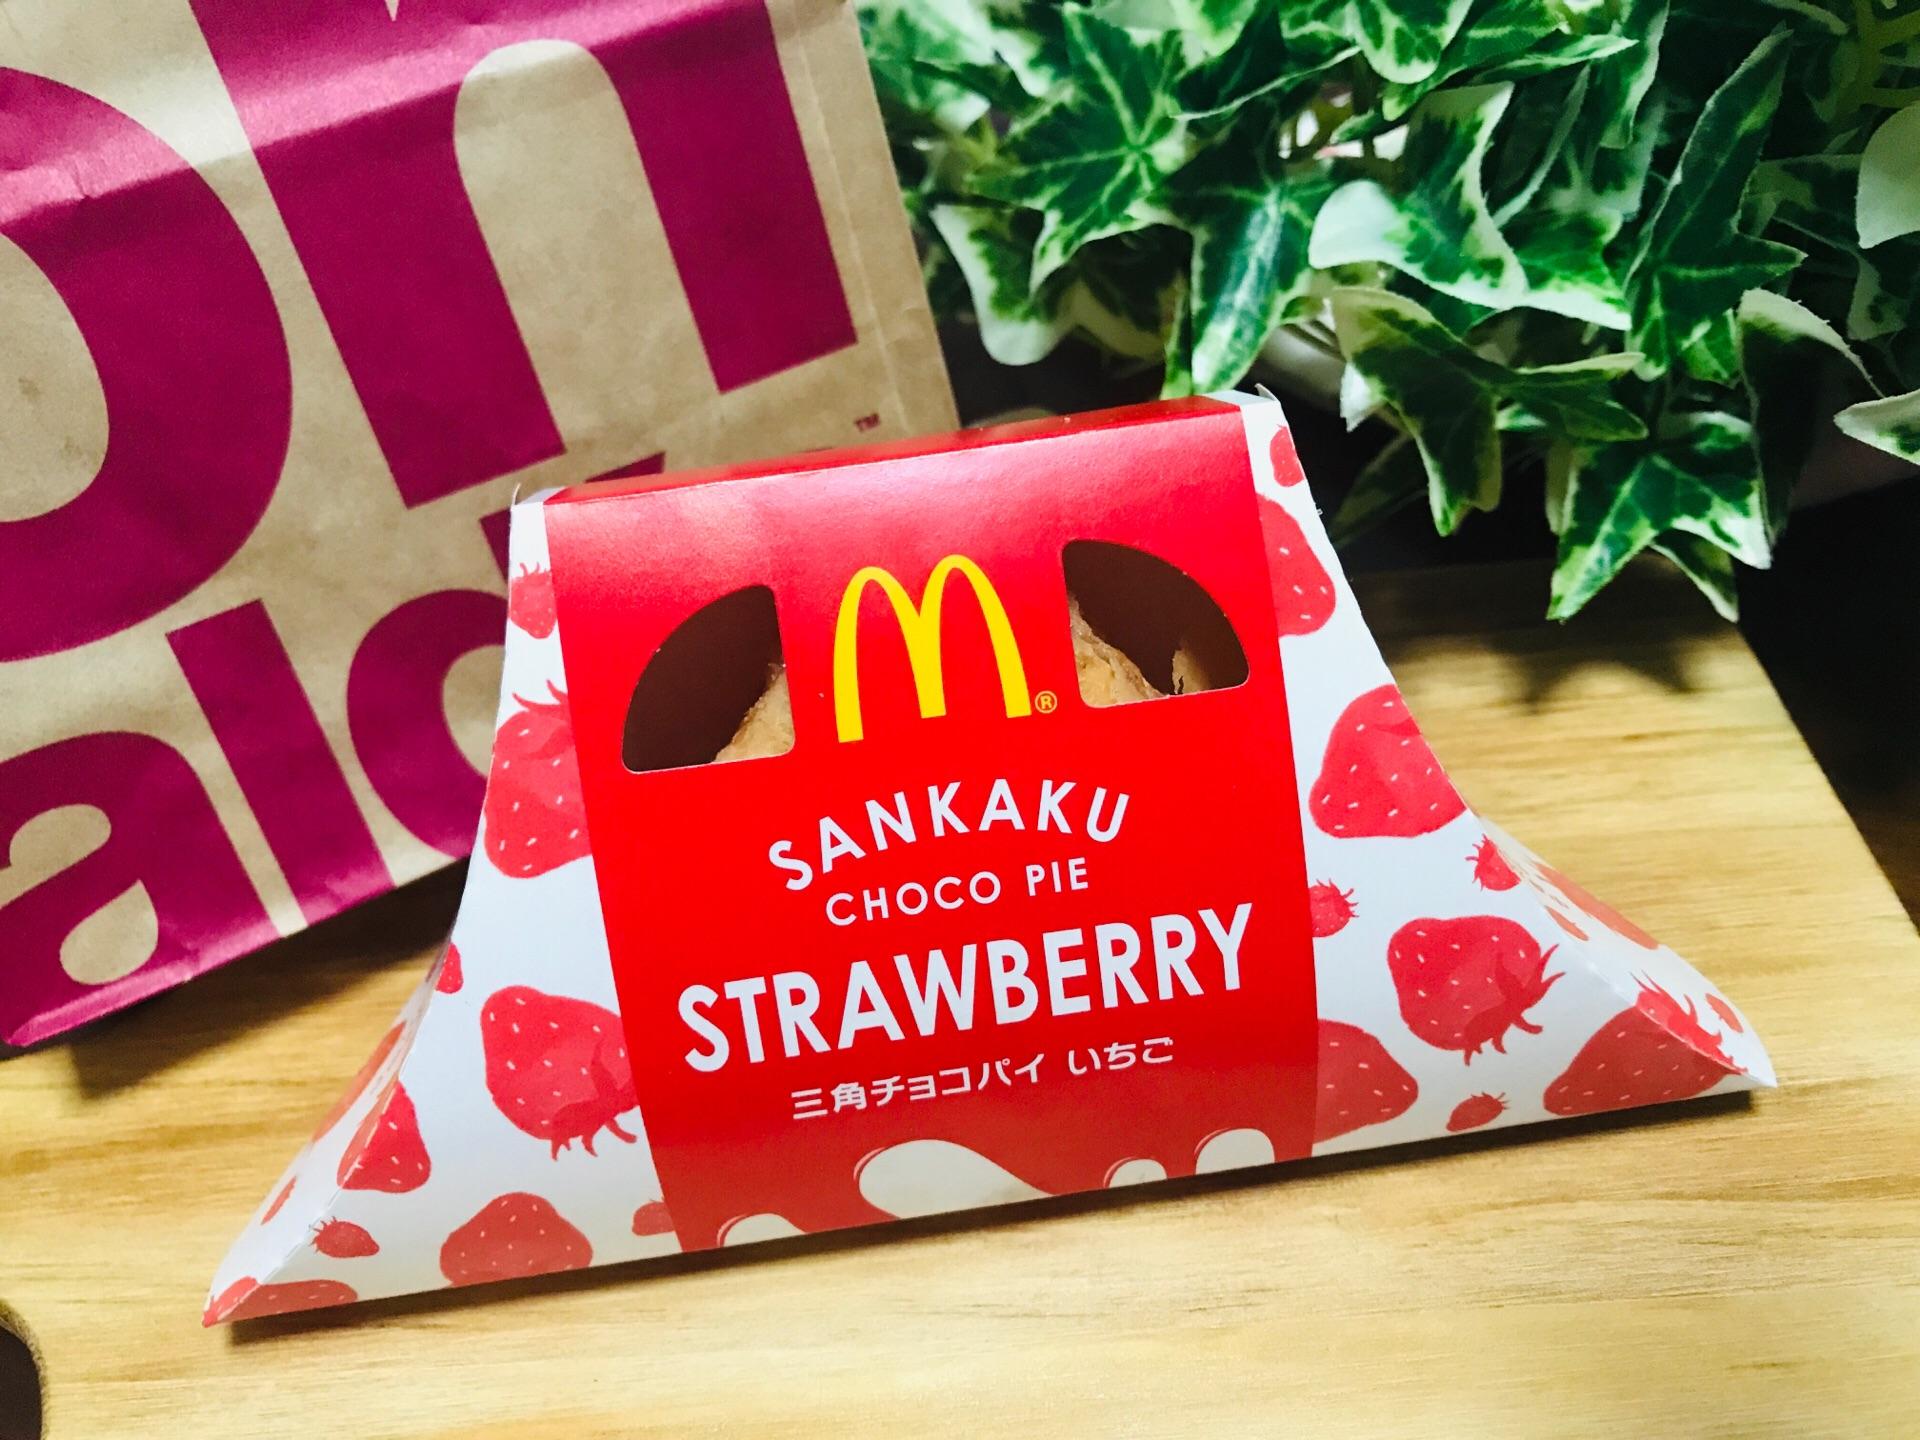 【マクドナルド】冬の定番スイーツ《三角チョコパイ》にイチゴ味が新登場♡_4